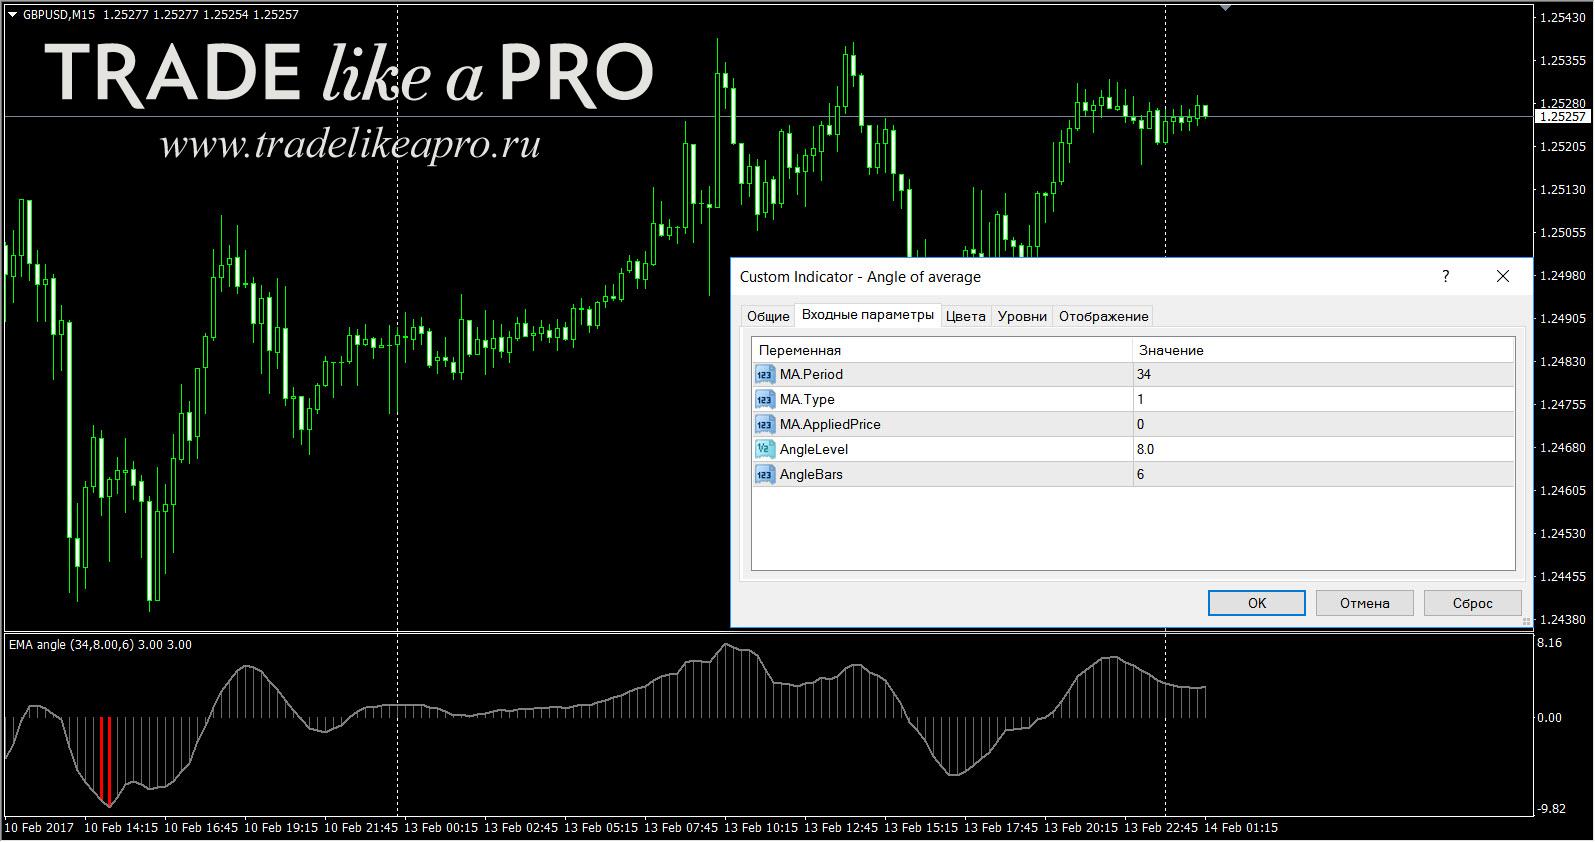 Forex-индикатор nrma dt советник форекс hedgehog